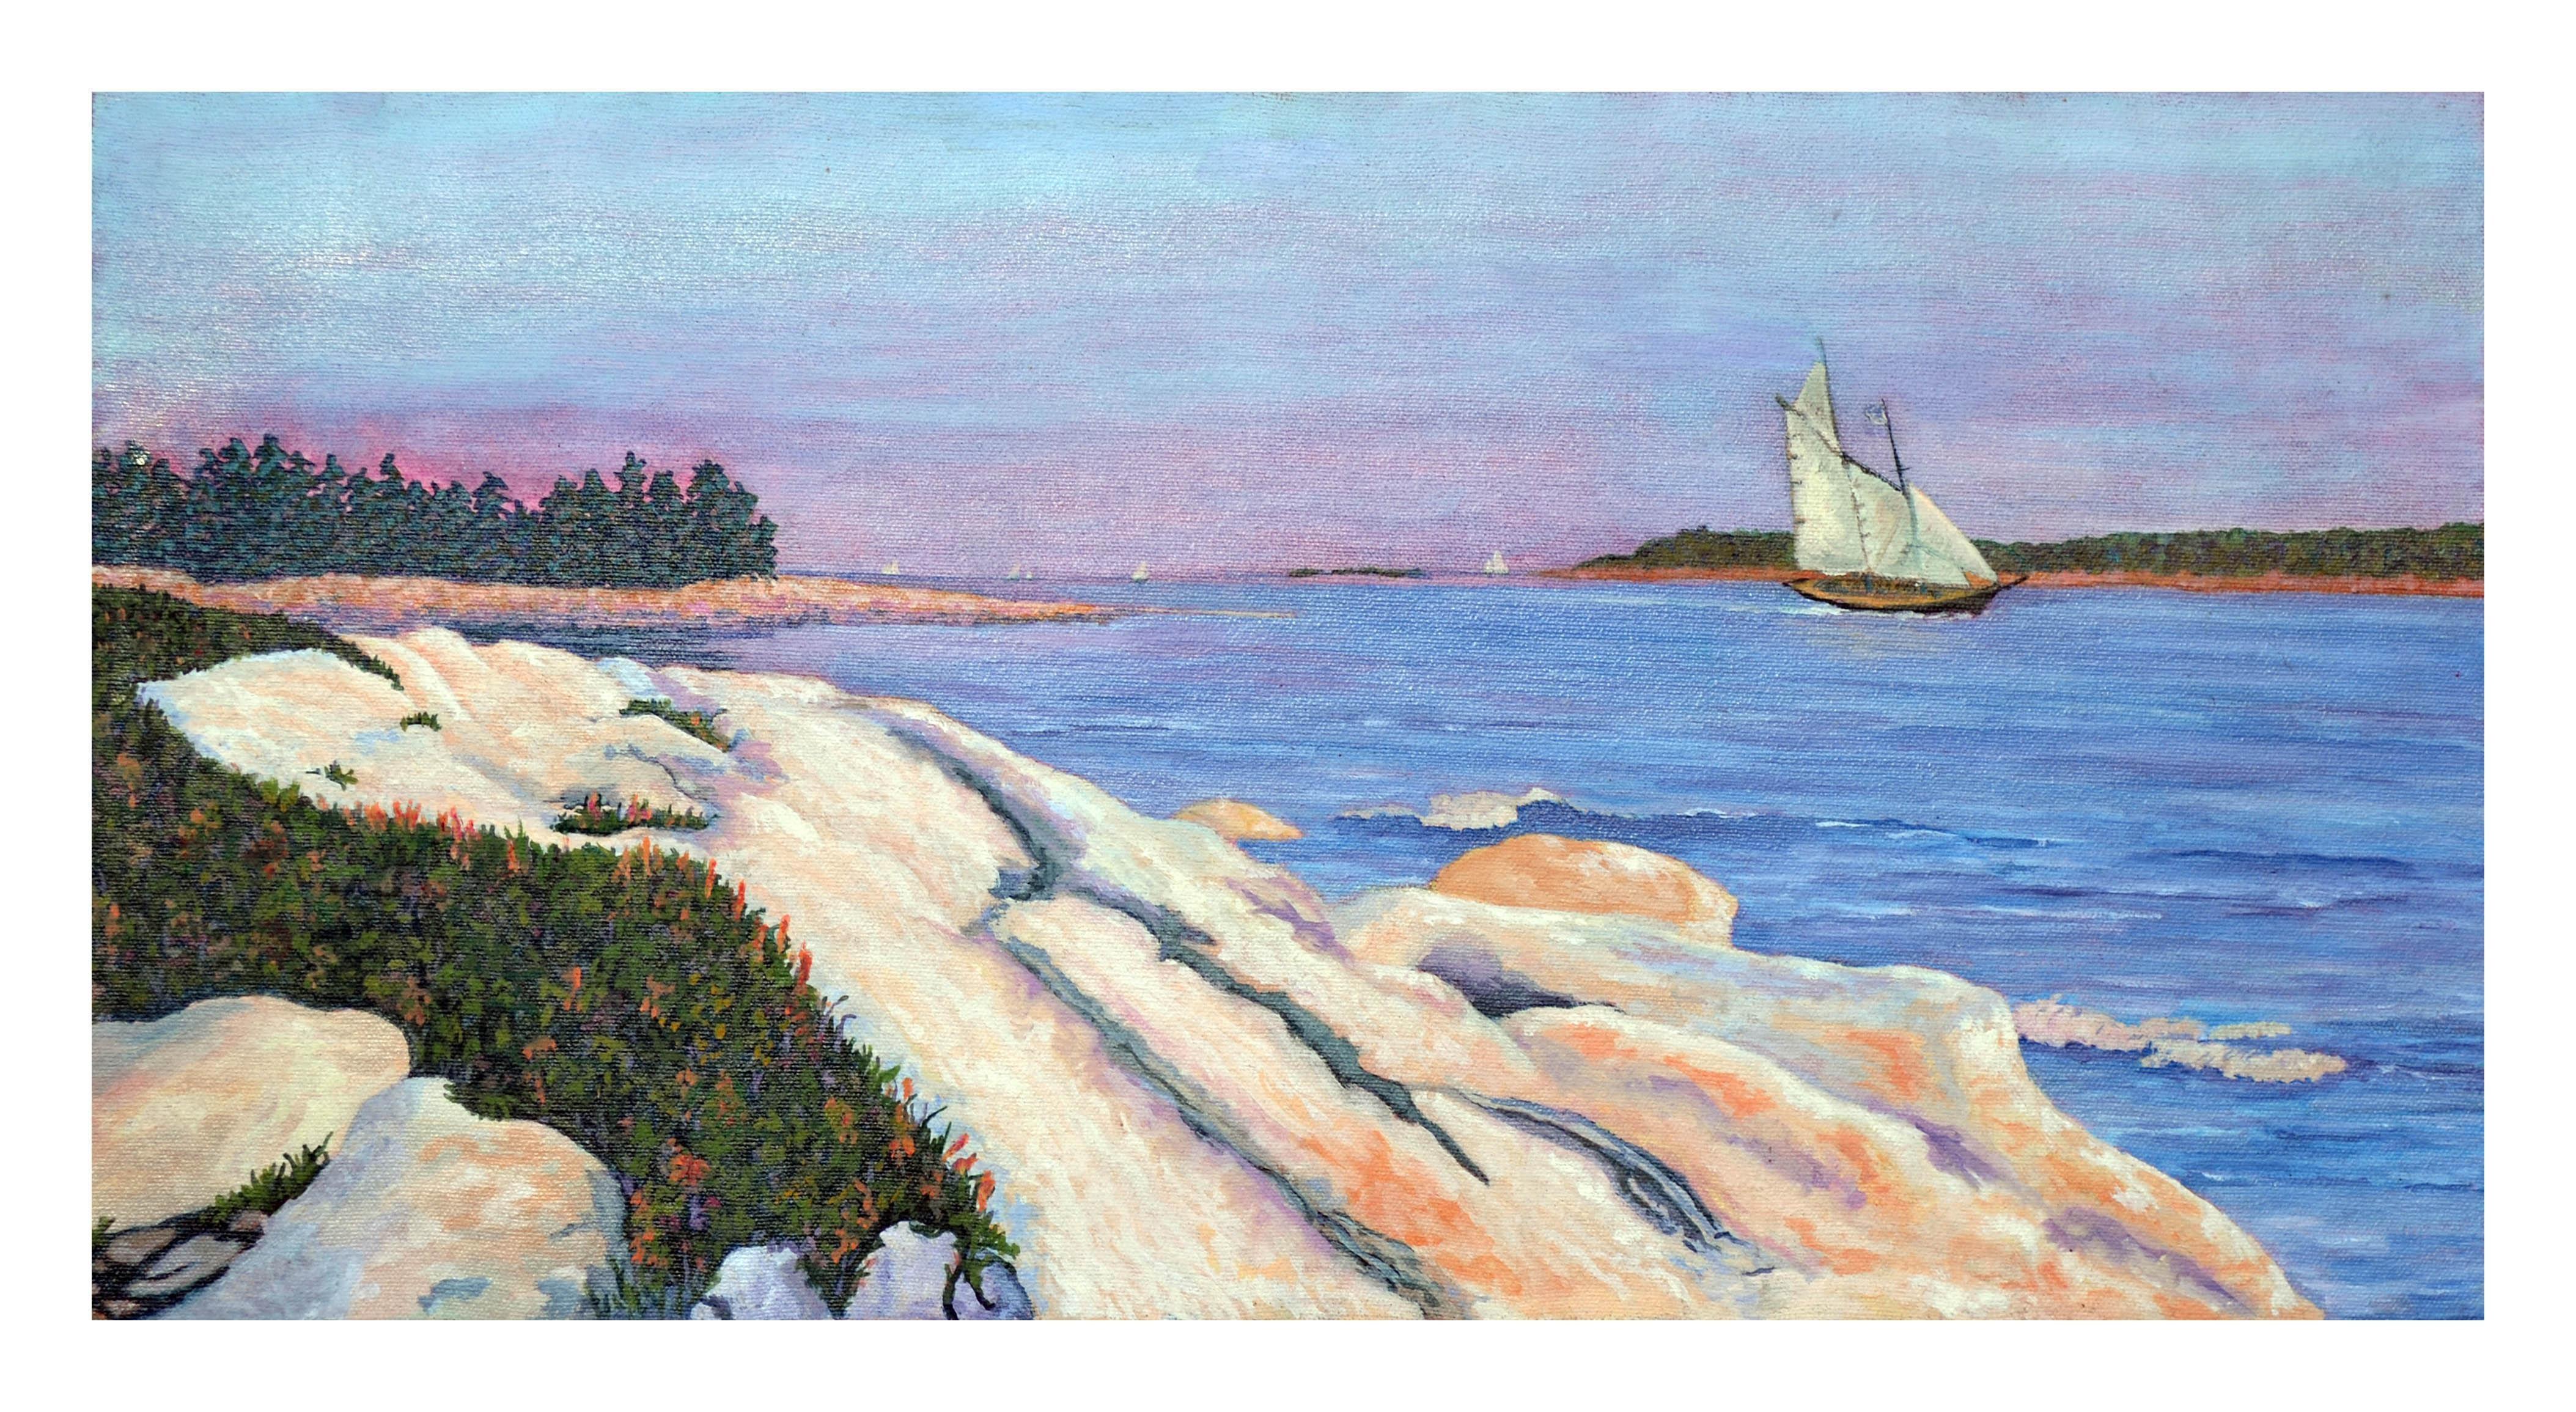 Sunset Sail Landscape